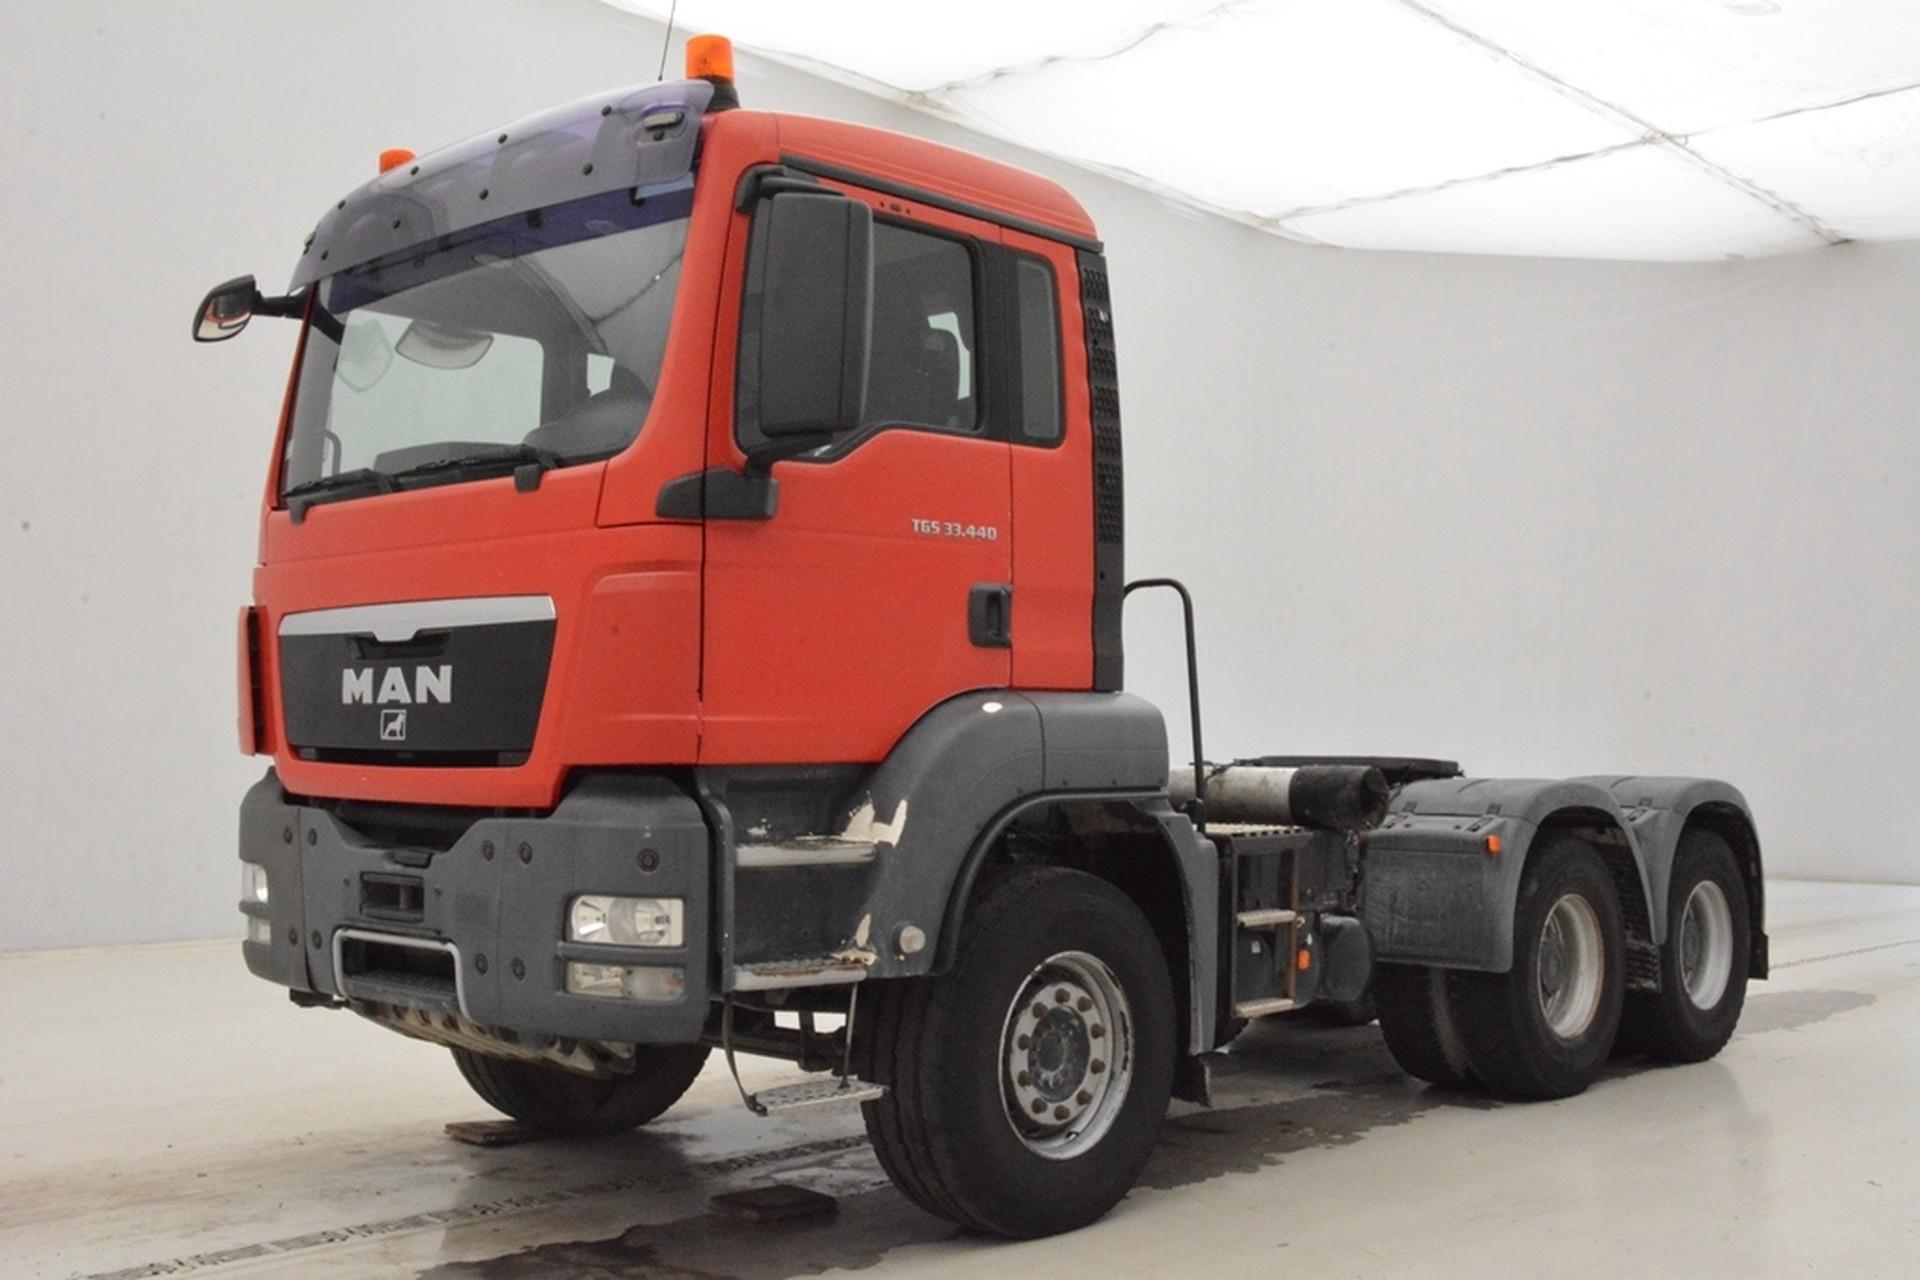 MAN TGS 33.440 - 10 M³ mixer *